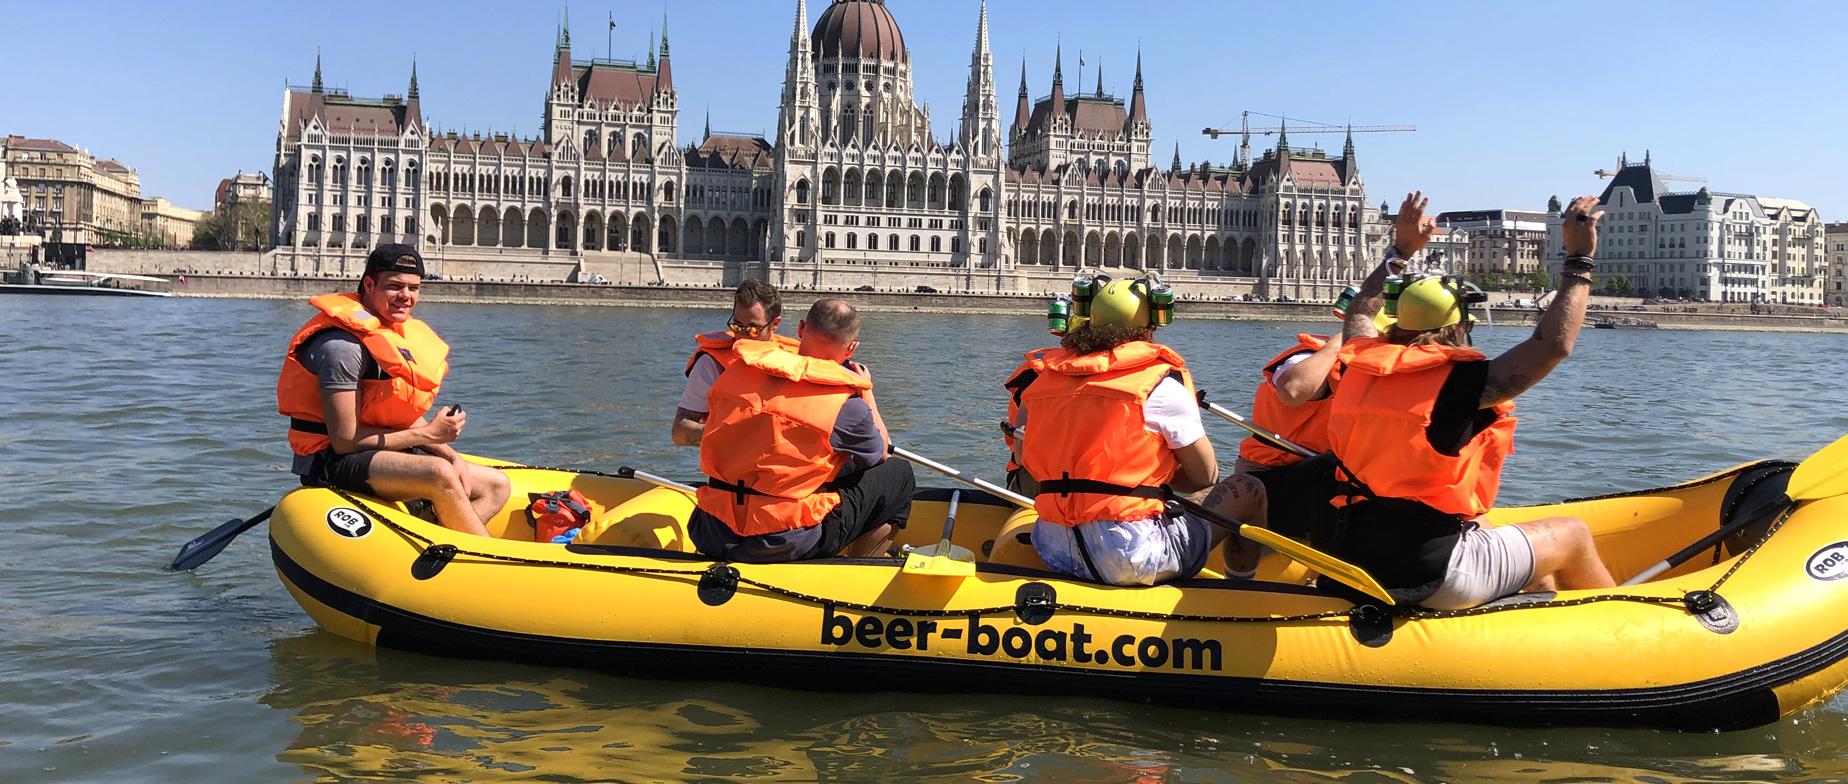 6 fős Beer-Boat  budapesti városnézés ajándékutalvány